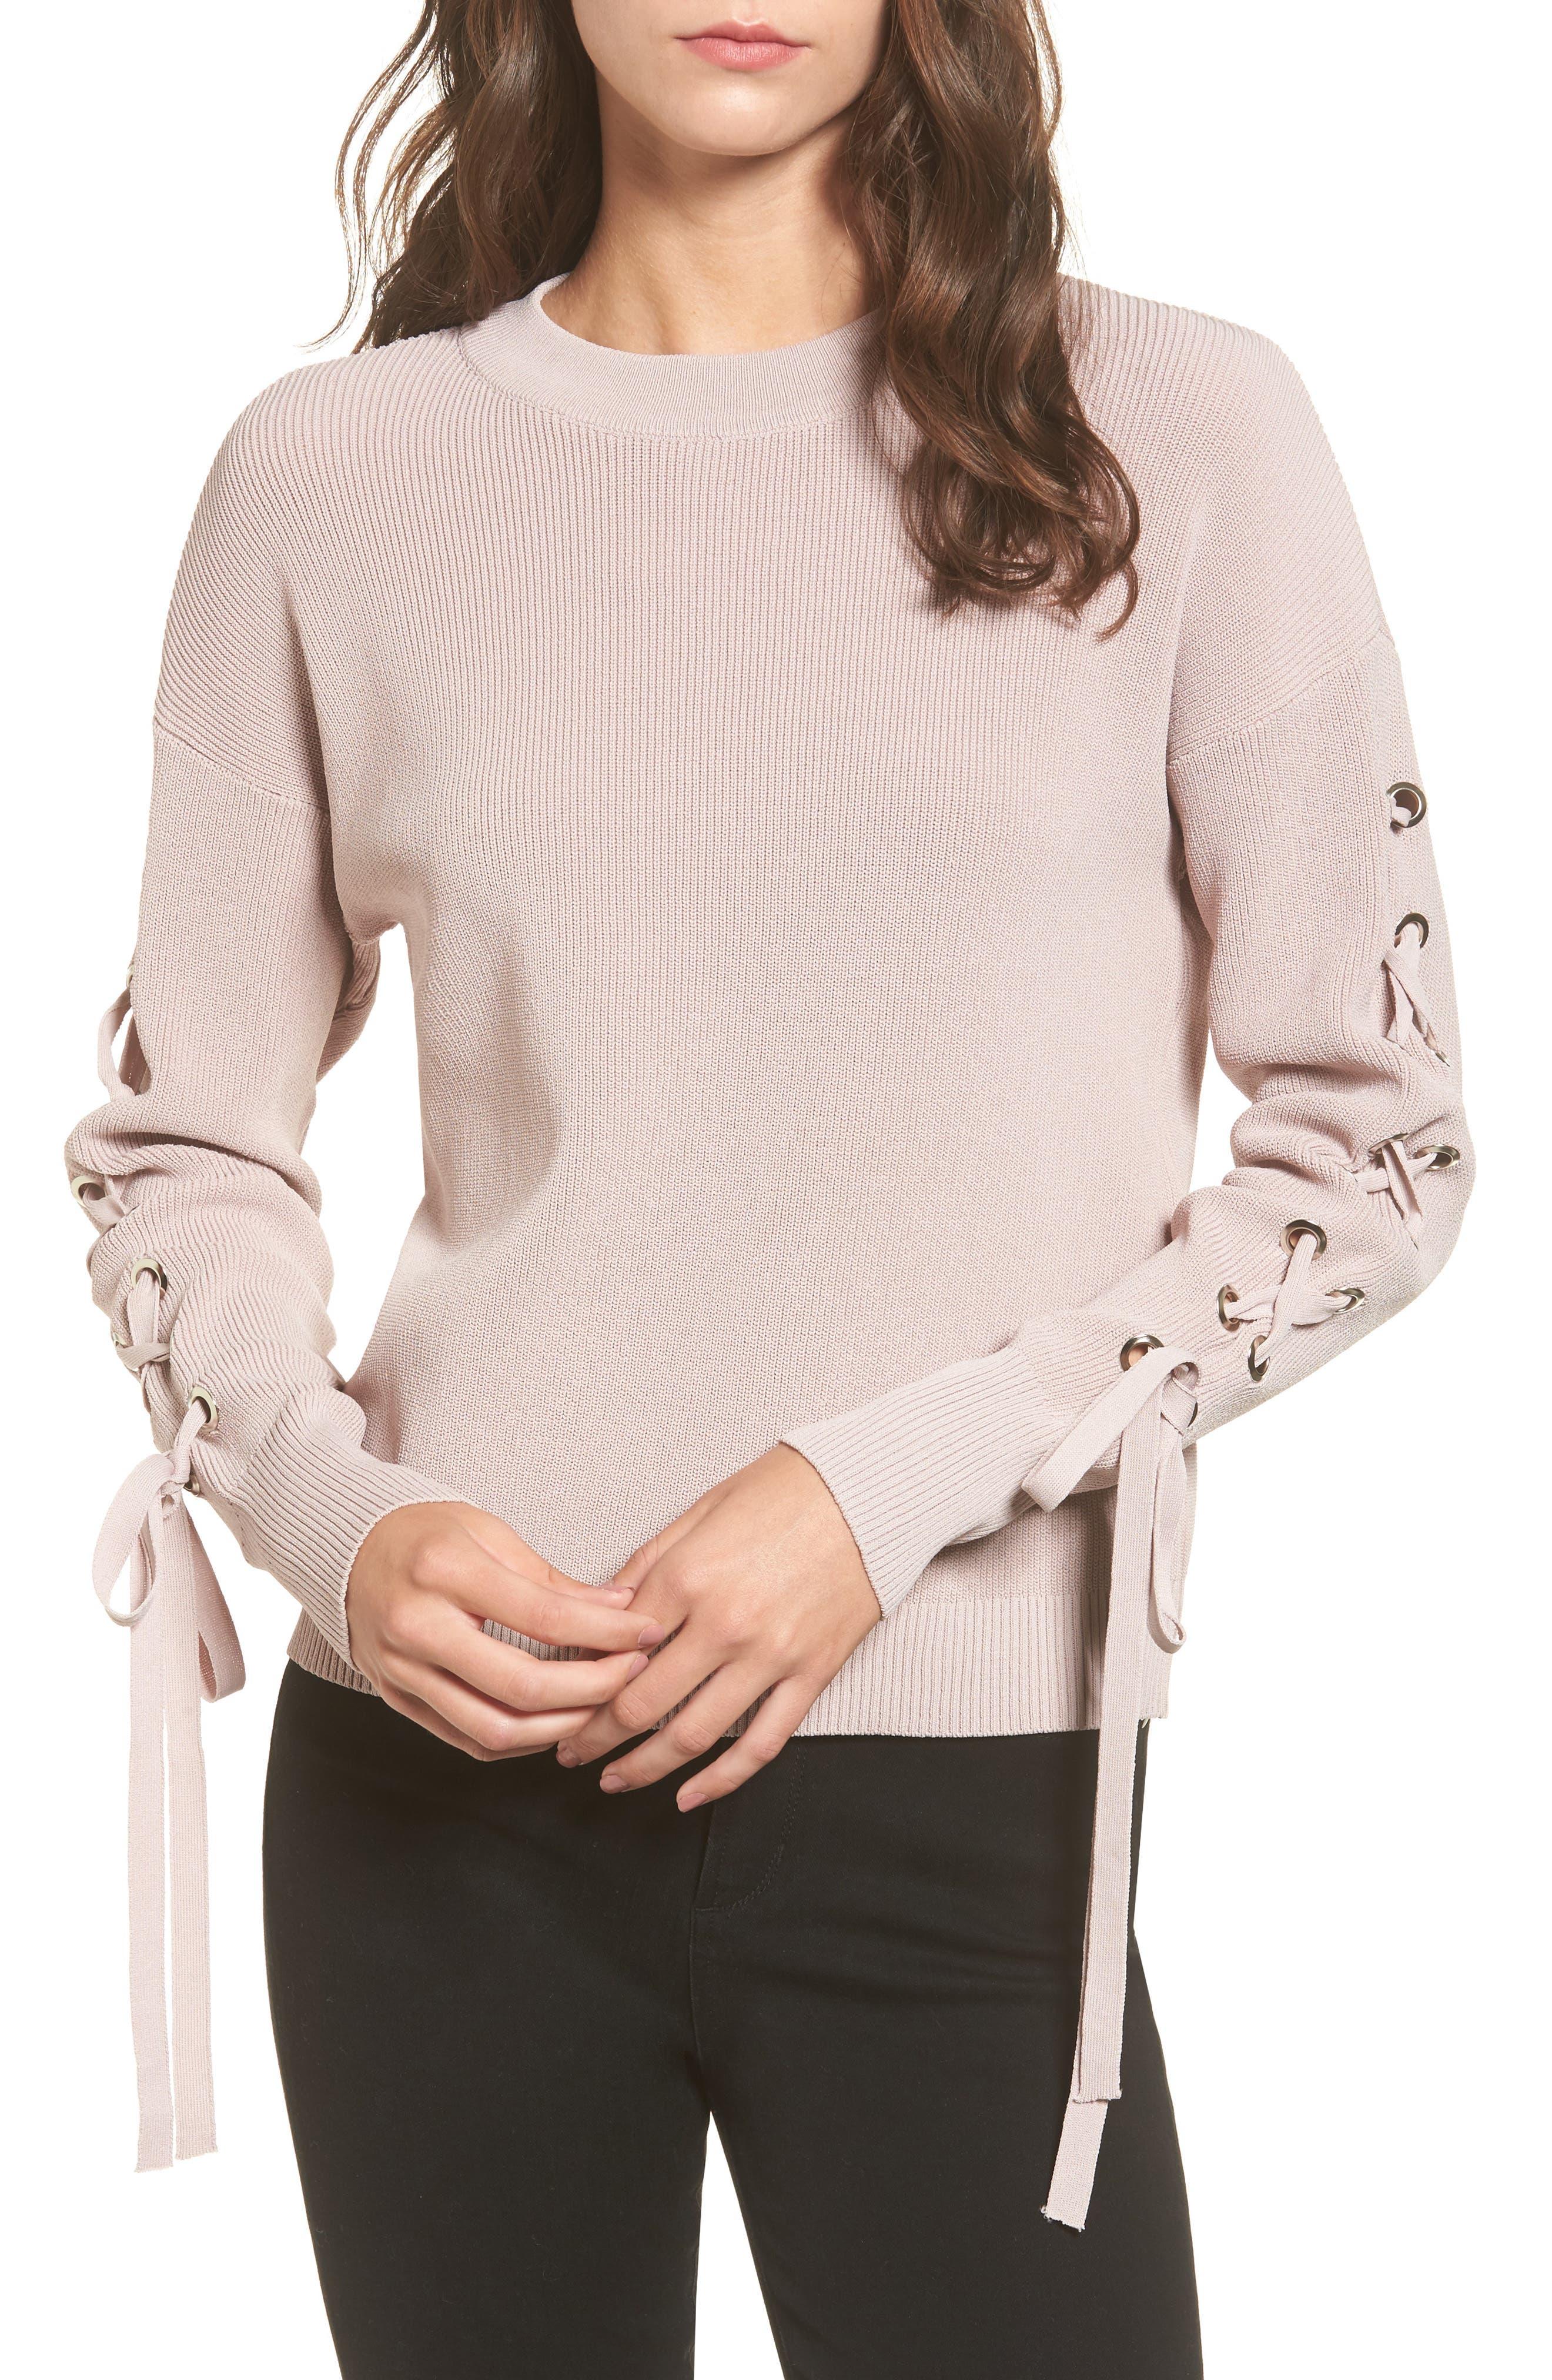 J.O.A. Lace-Up Sleeve Sweater